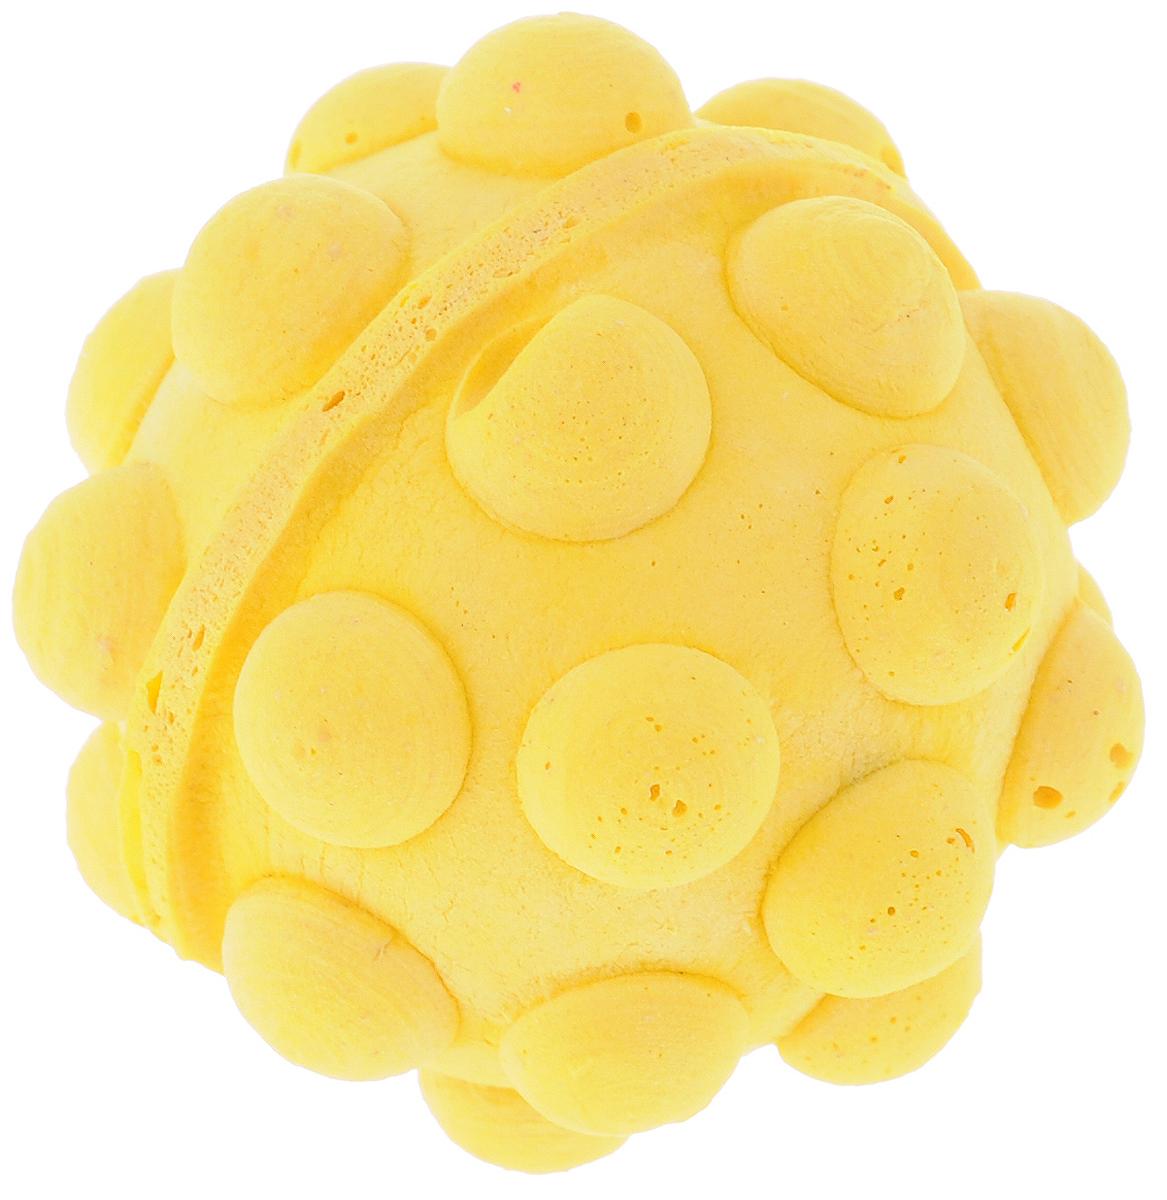 Игрушка для животных Каскад Мячик зефирный. Мина, цвет: желтый, диаметр 4,5 см27799309_желтыйМягкая игрушка для животных Каскад Мячик зефирный. Мина изготовлена из вспененного полимера. Такая игрушка порадует вашего любимца, а вам доставит массу приятных эмоций, ведь наблюдать за игрой всегда интересно и приятно. Диаметр игрушки: 4,5 см.